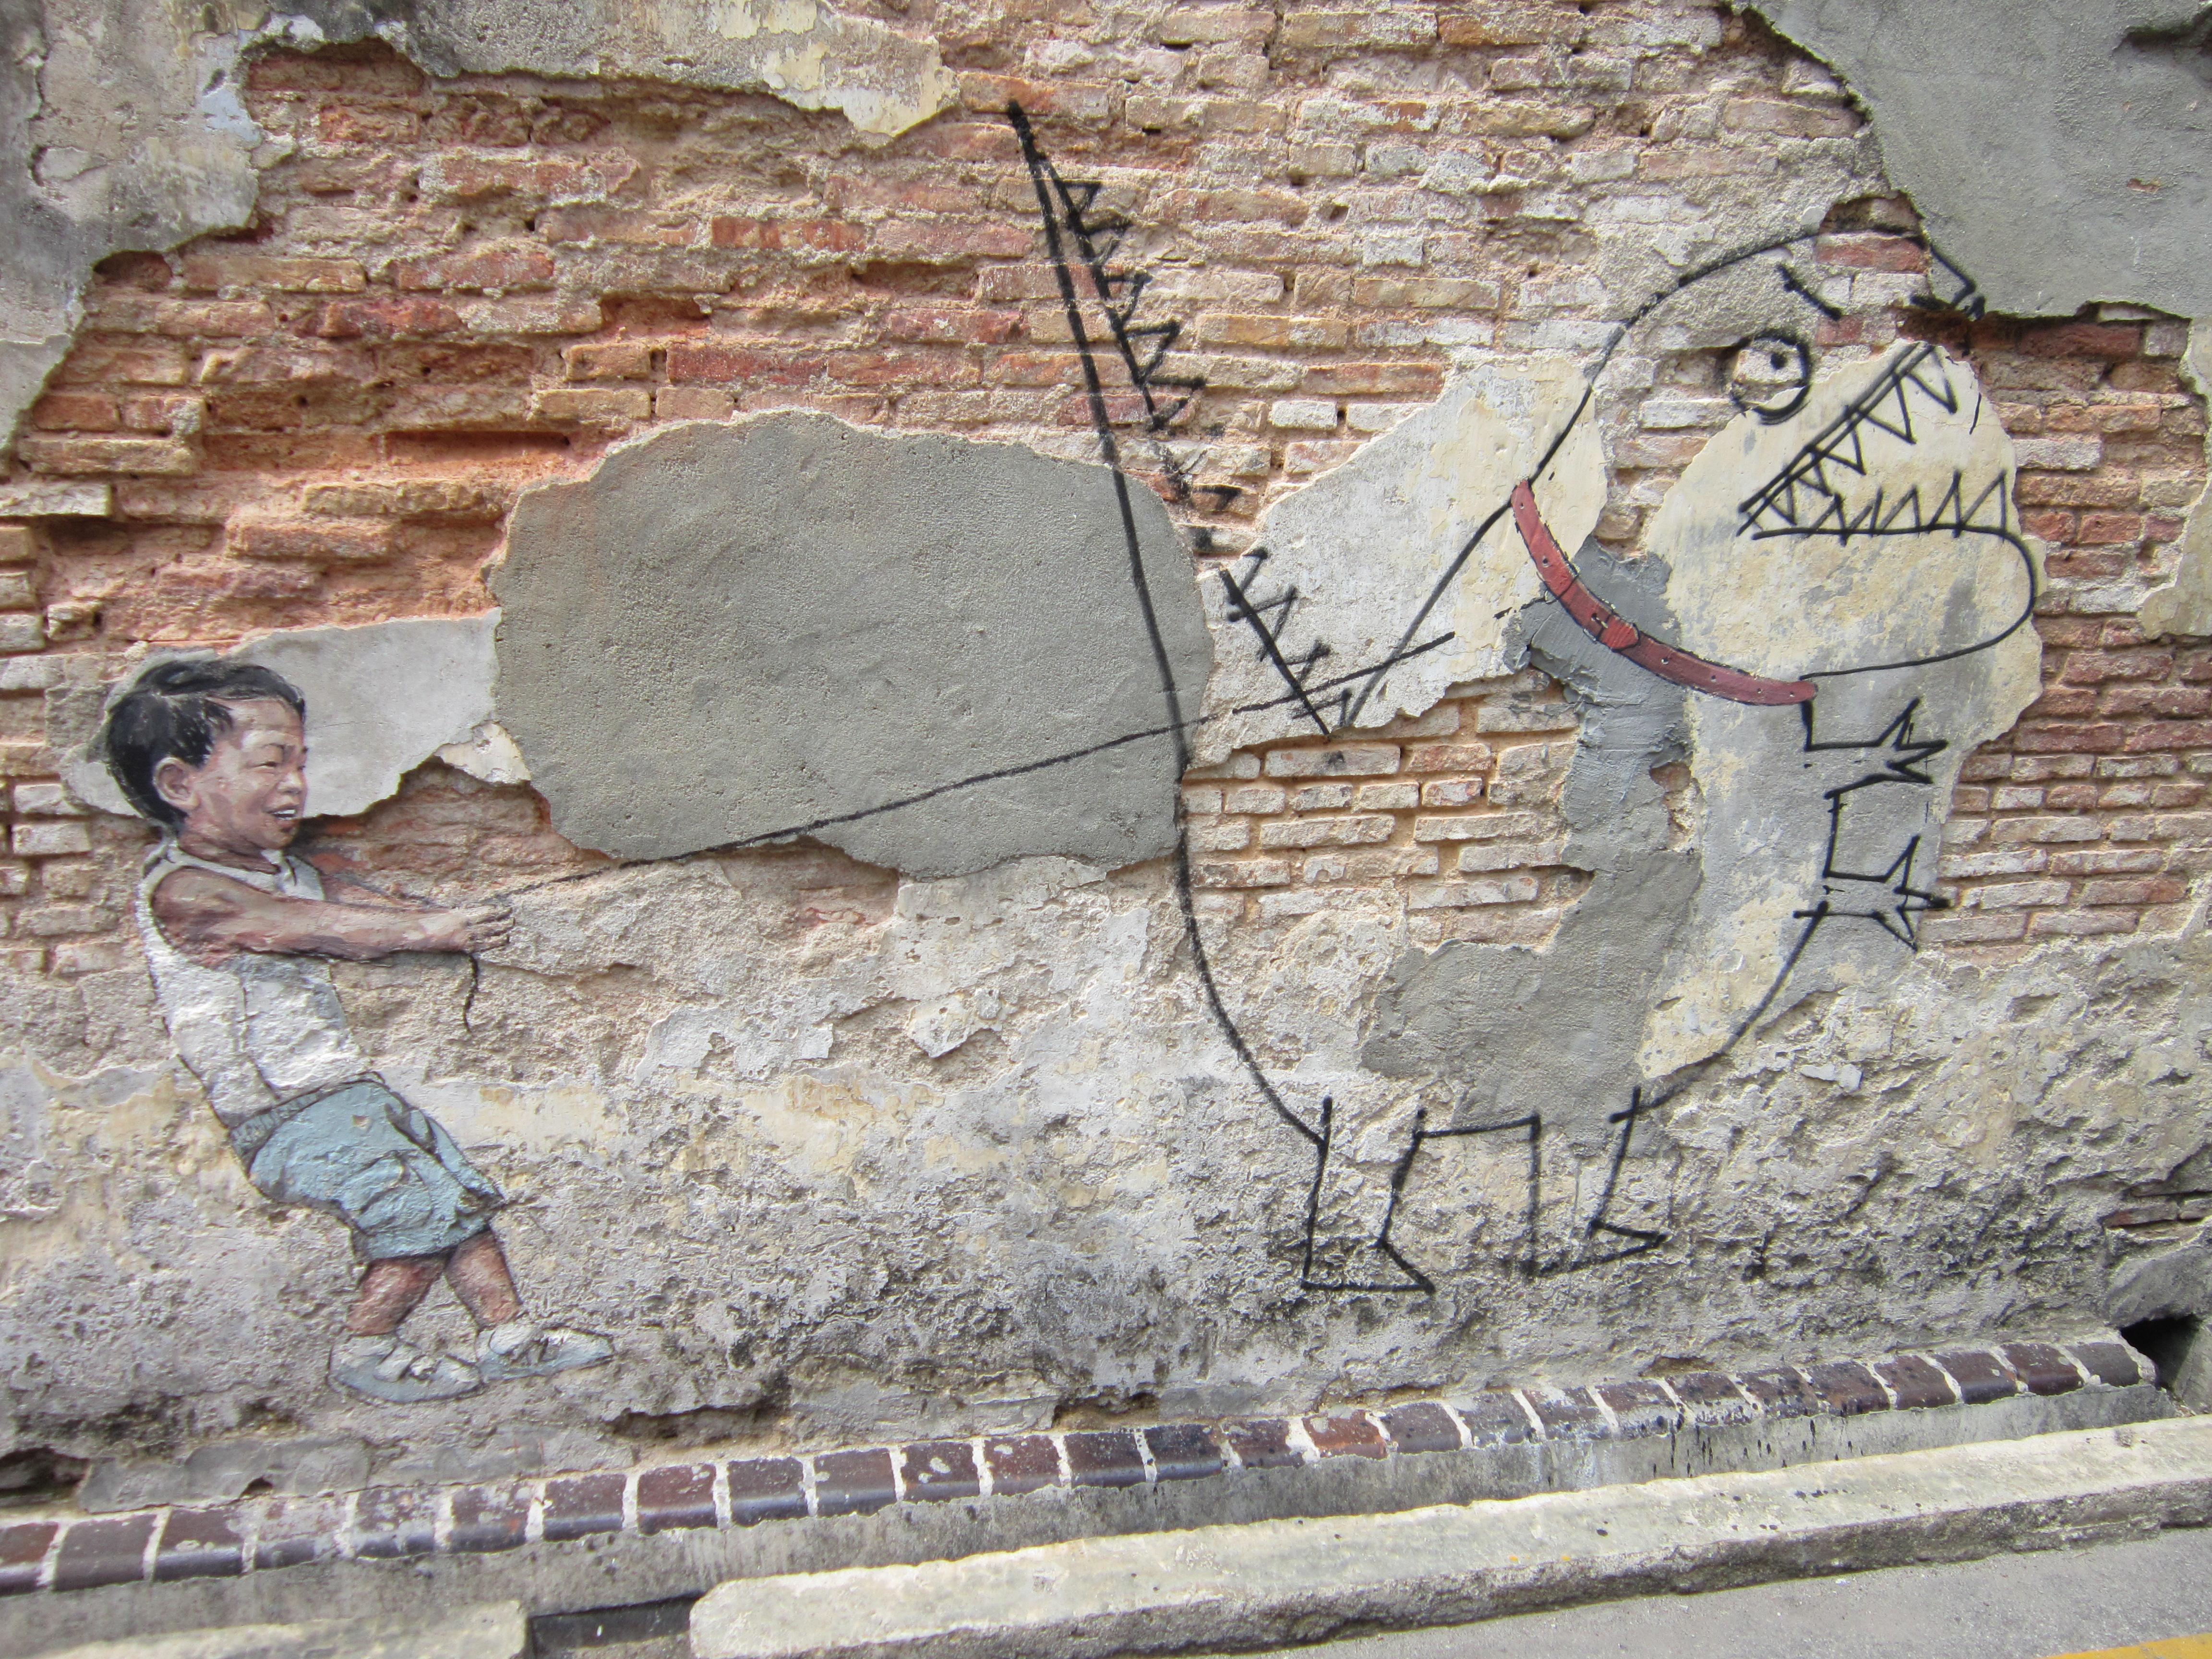 Penang Street Art Little Boy with Pet Dinosaur